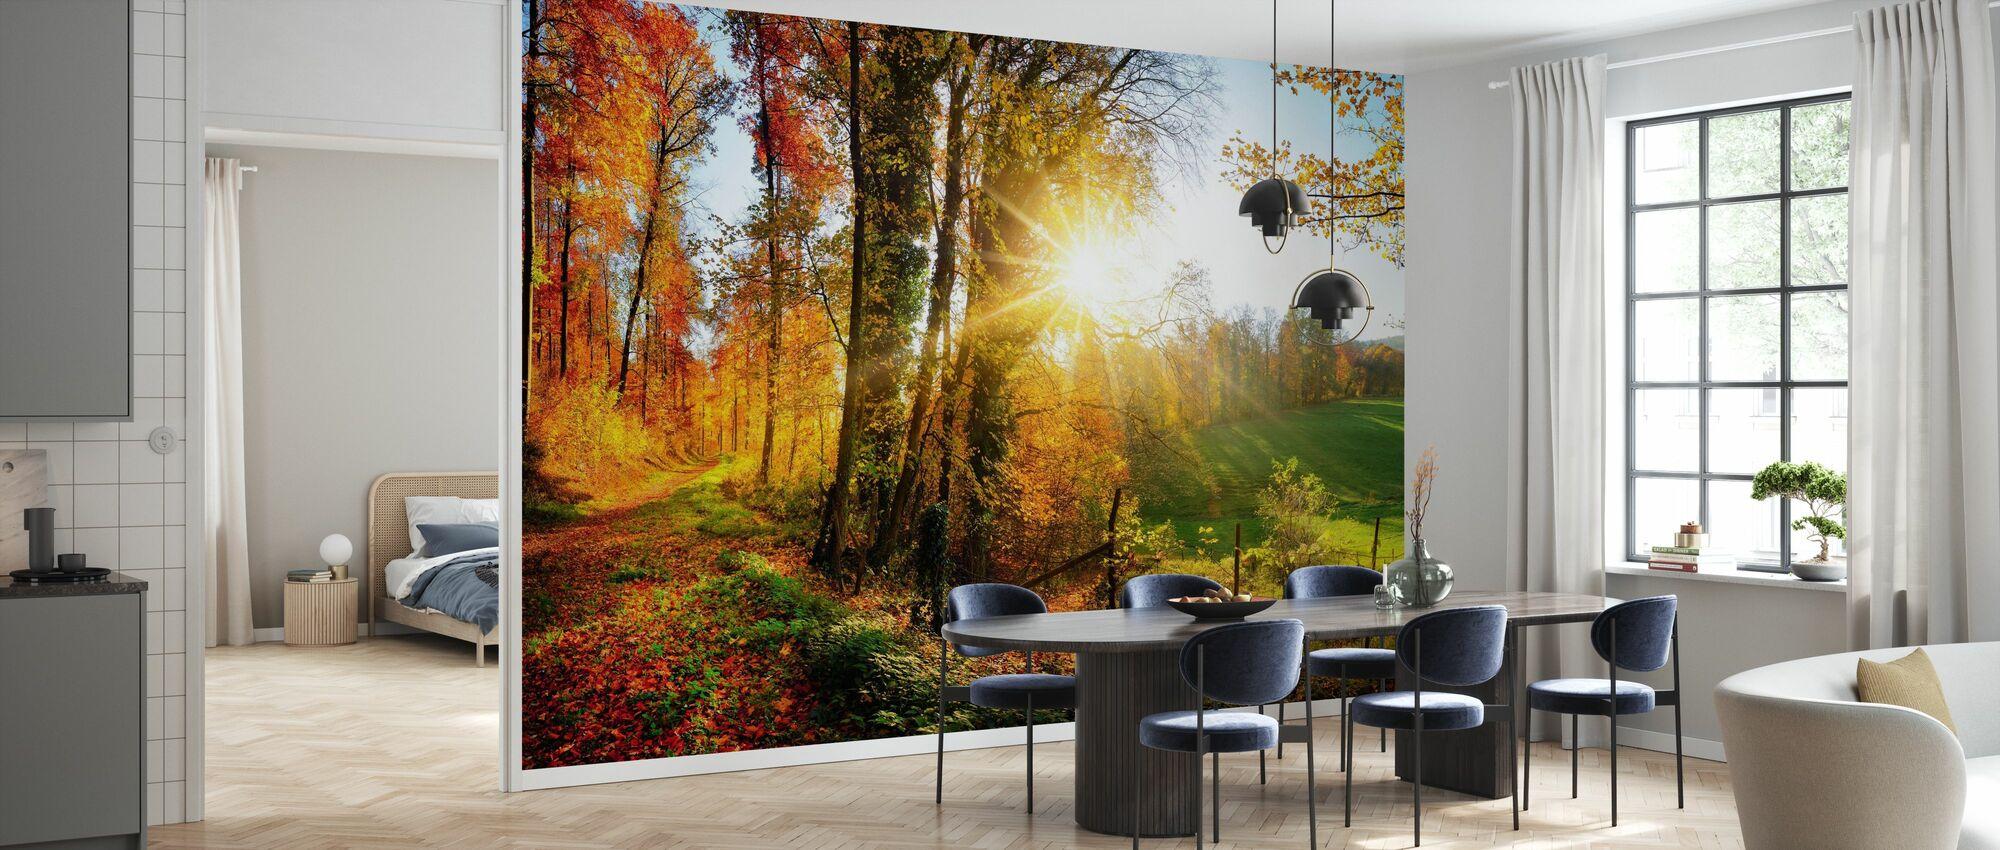 Prachtig landschap - Behang - Keuken